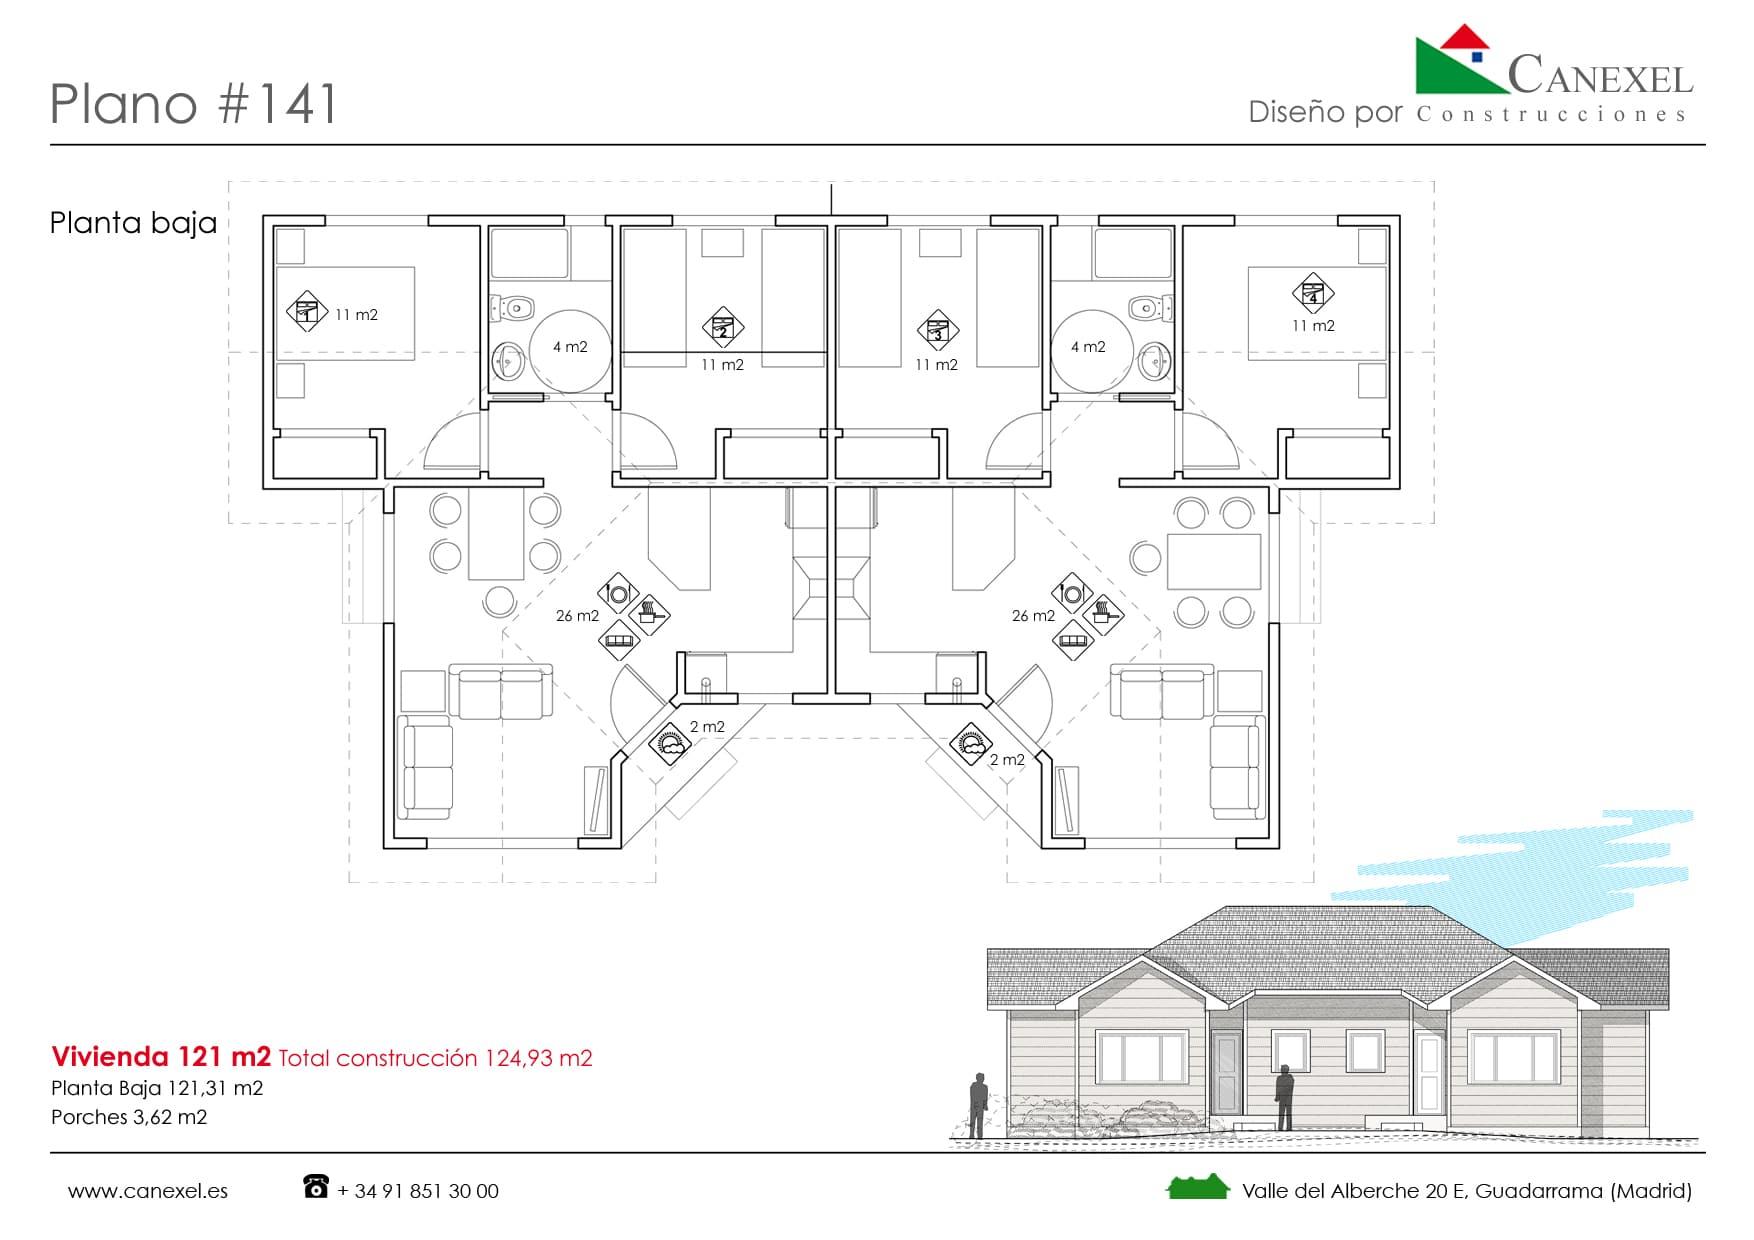 Planos de casas de una planta canexel - Planos casas planta baja ...